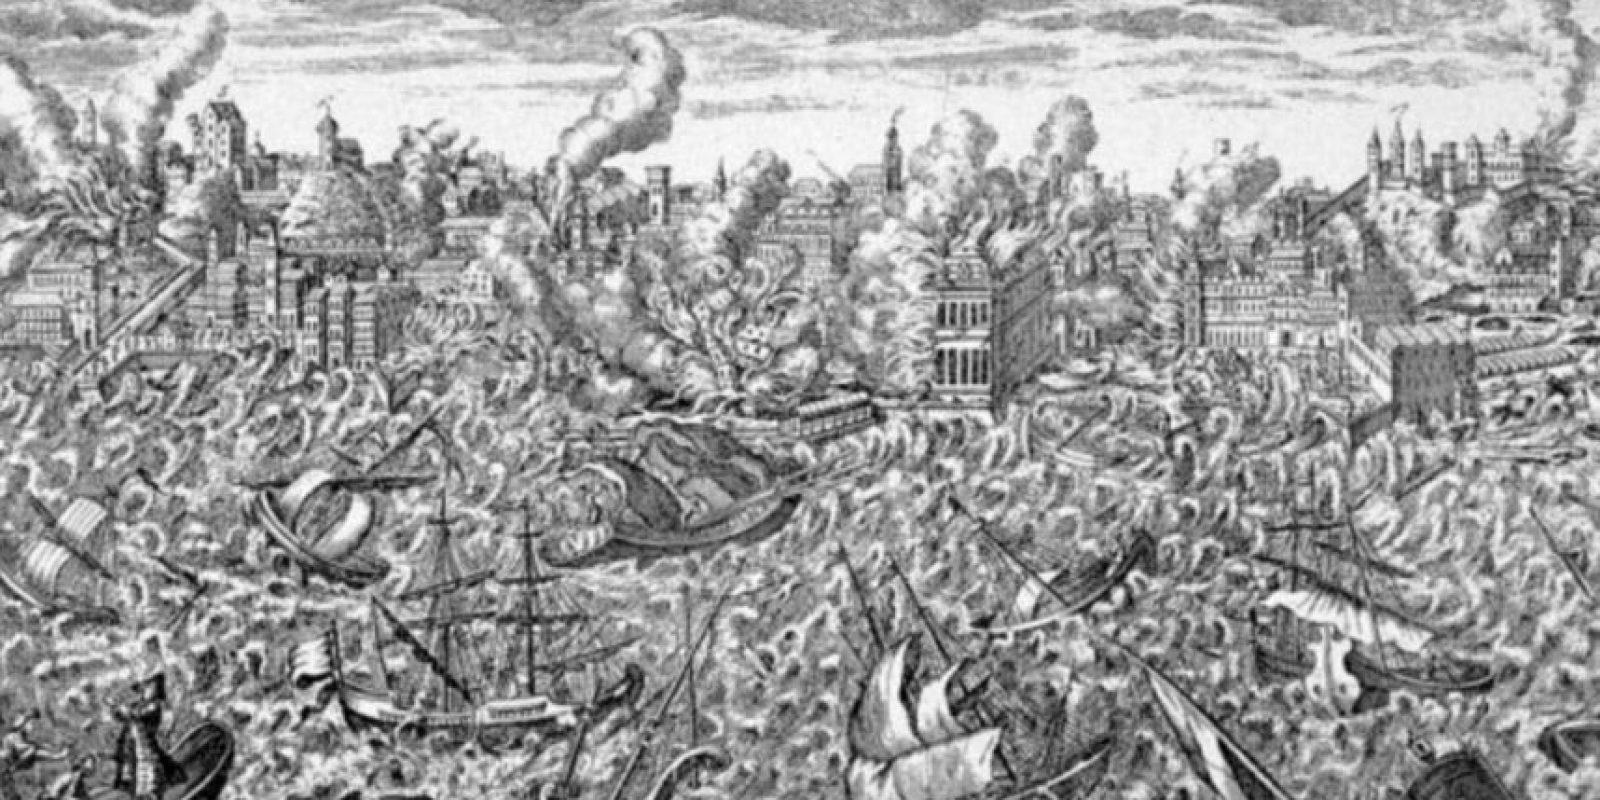 Los desastres naturales han existido desde siempre y han afectado considerablemente a la Humanidad. Este es el grabado del terremoto de Lisboa en 1755. Posteriormente, la ciudad fue inundada por un tsunami y luego se incendió. Foto:Wikipedia.